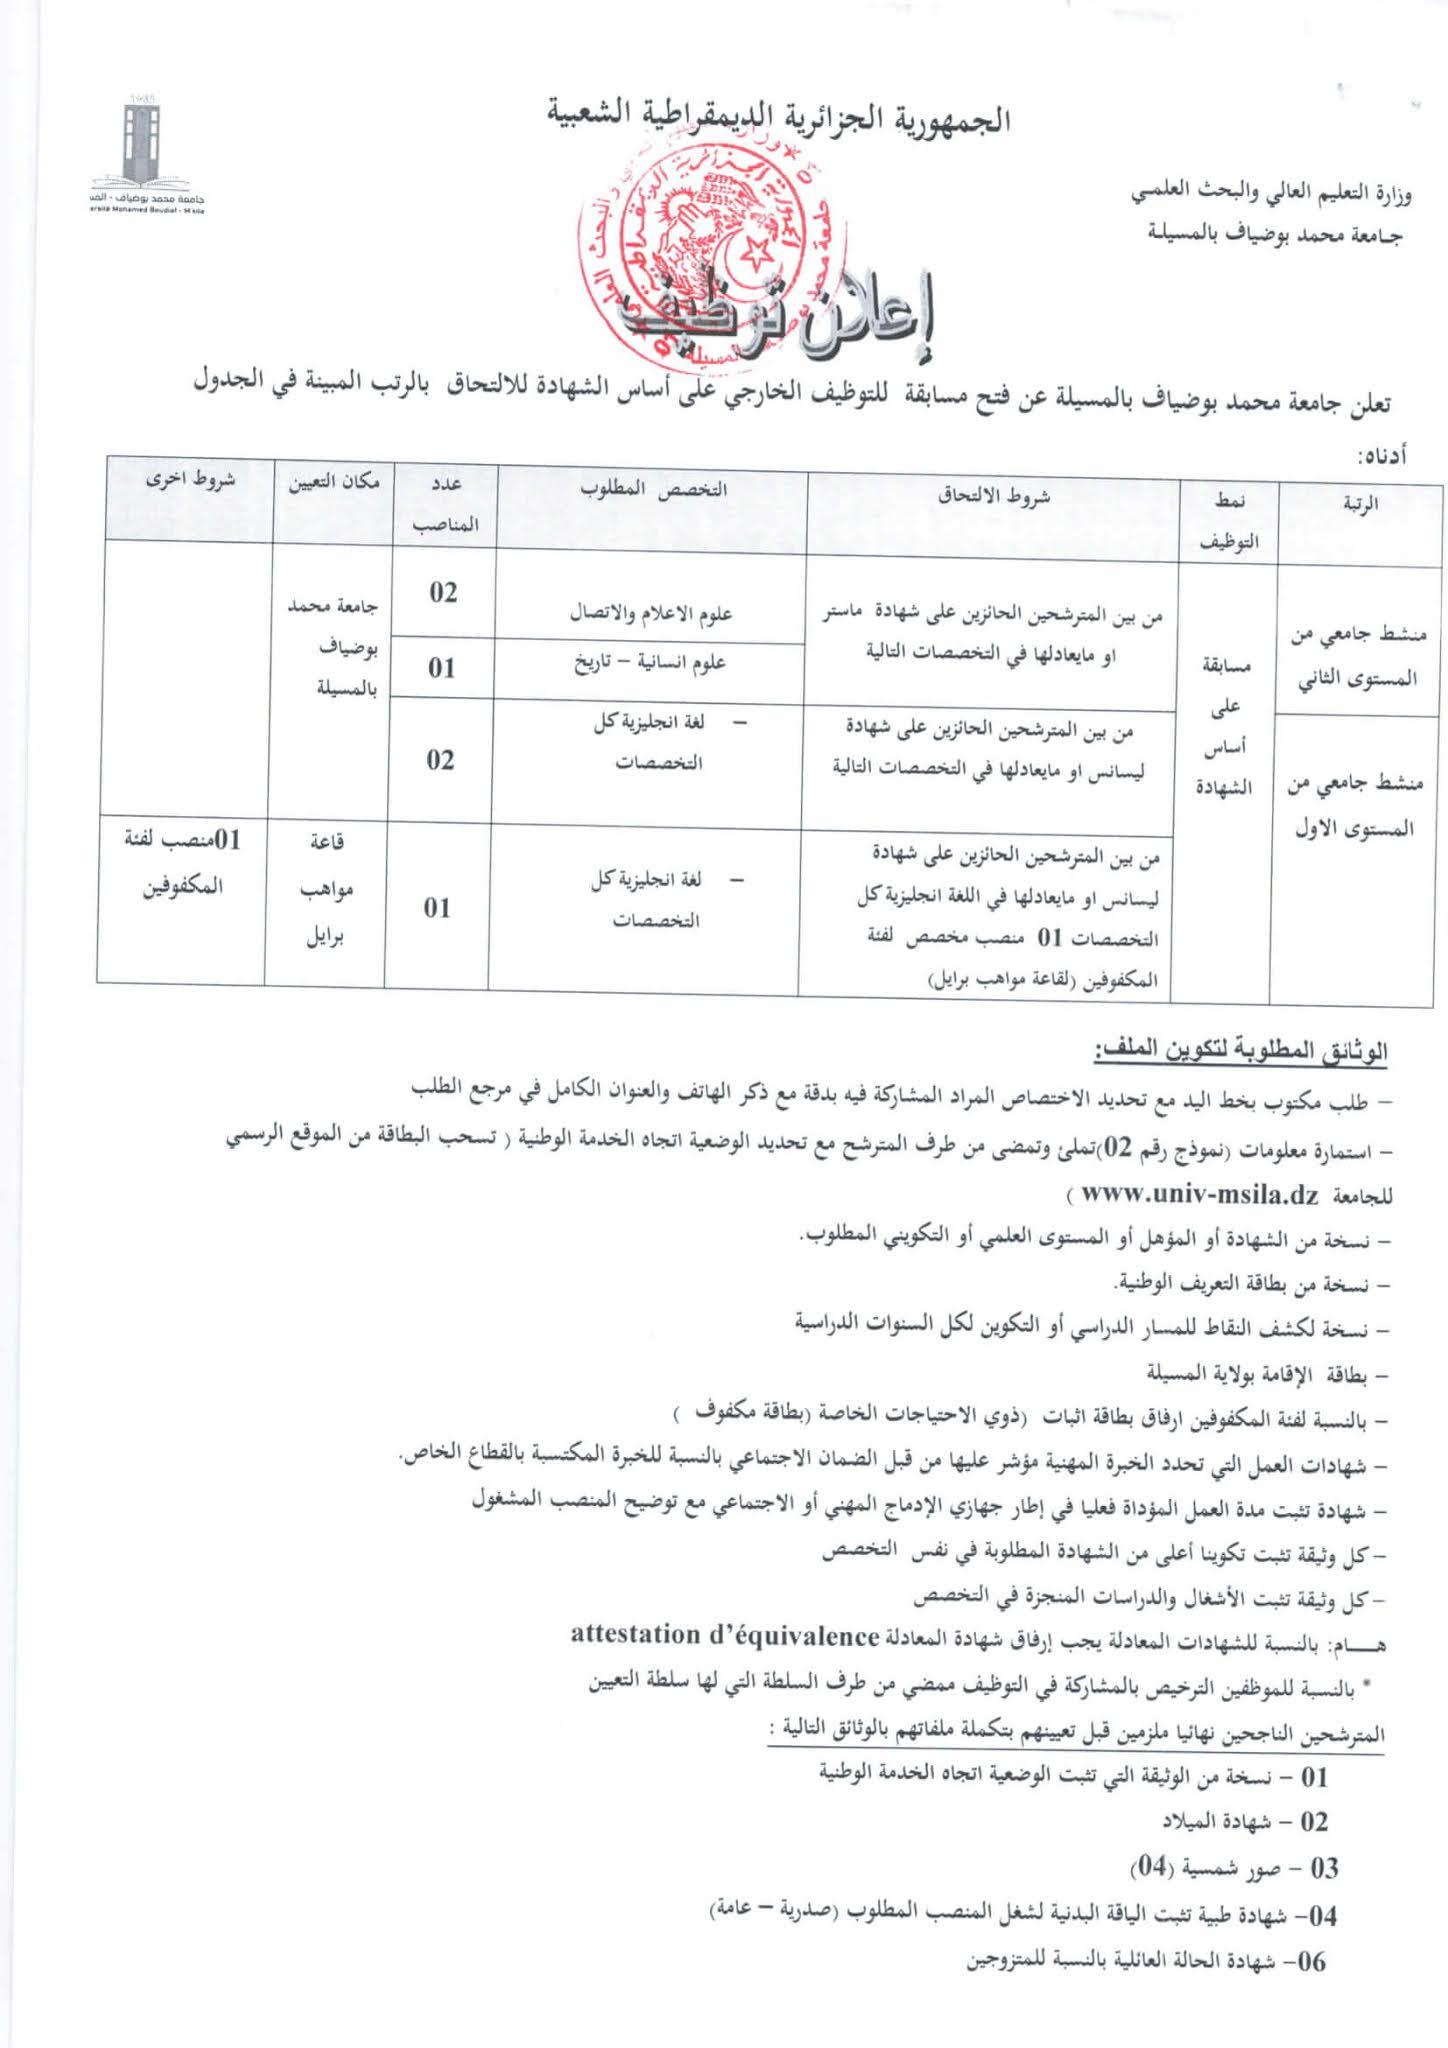 اعلان توظيف بجامعة المسيلة 10 جانفي 2021